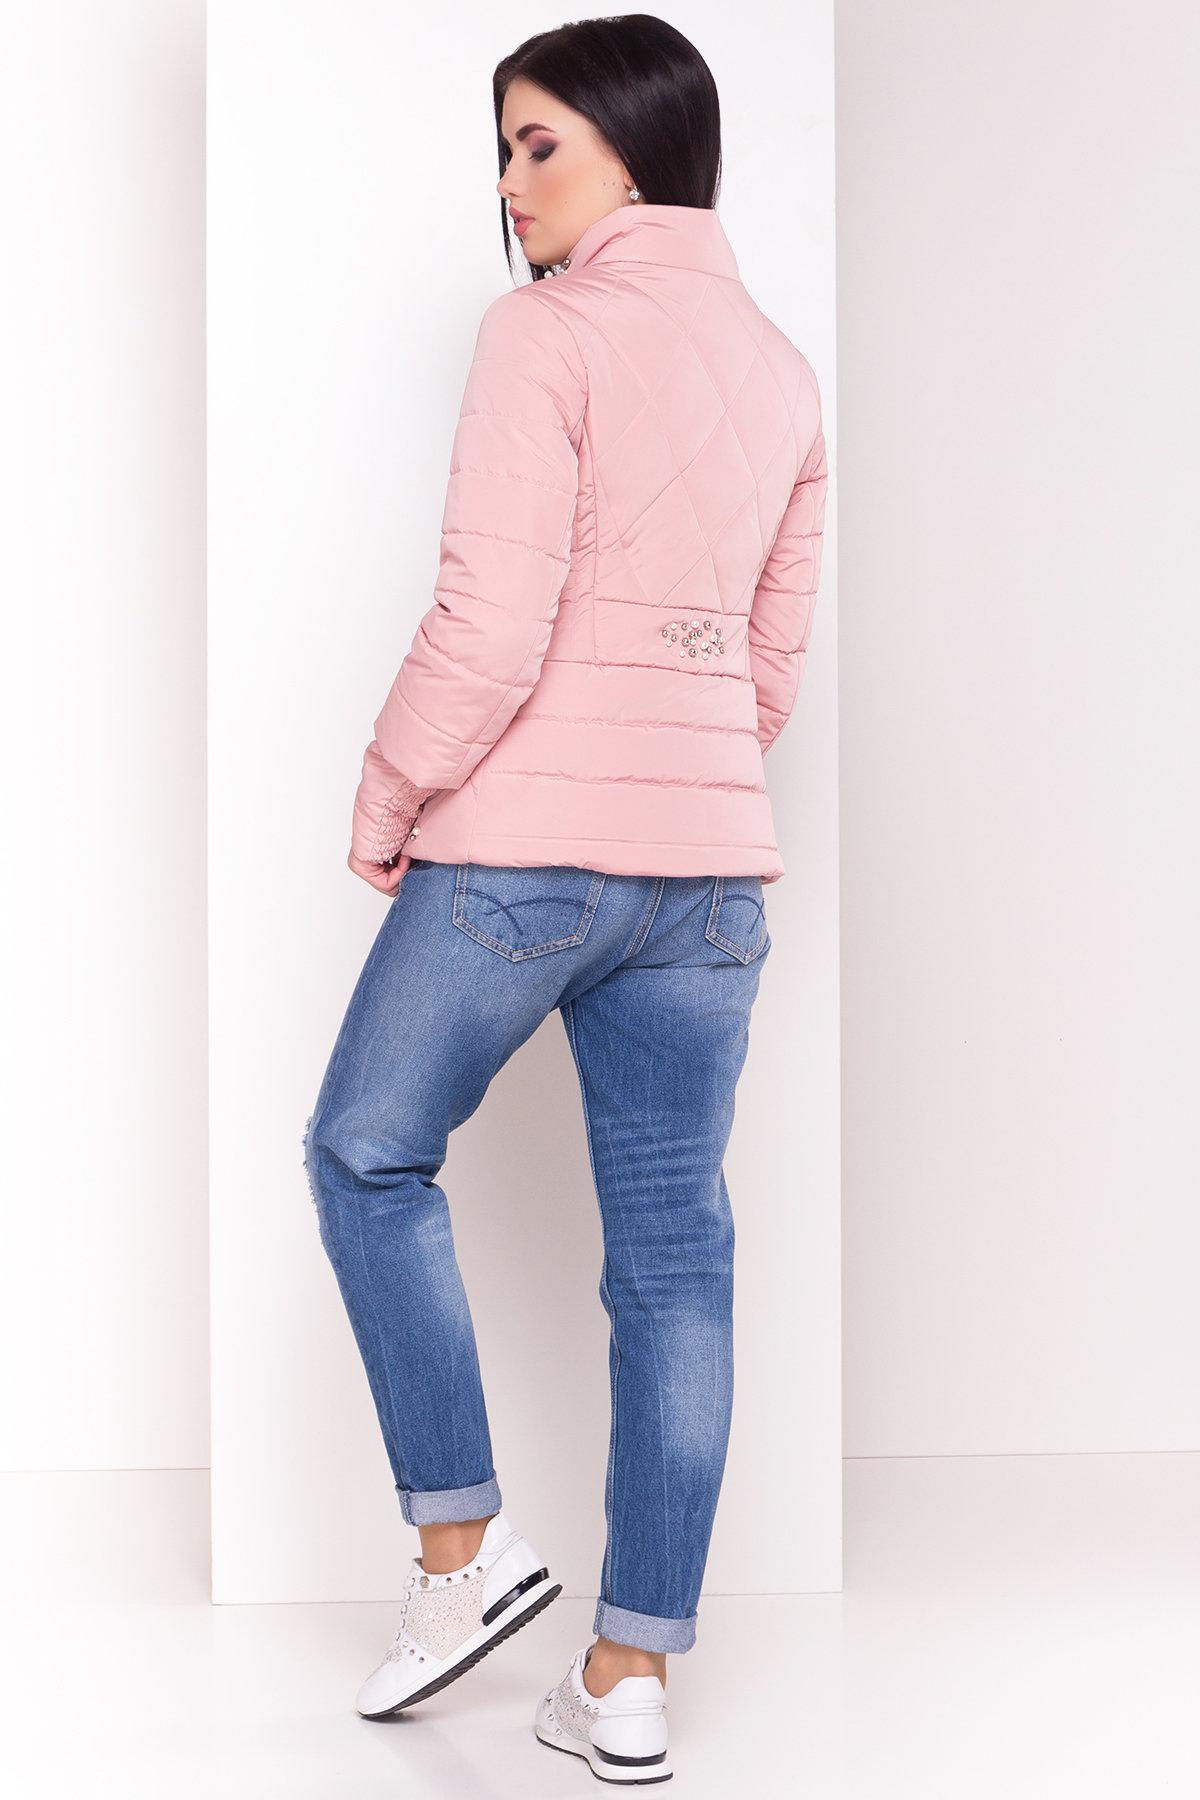 Куртка с воротником стойка Мирцелла 4591 АРТ. 33764 Цвет: Пудра - фото 3, интернет магазин tm-modus.ru